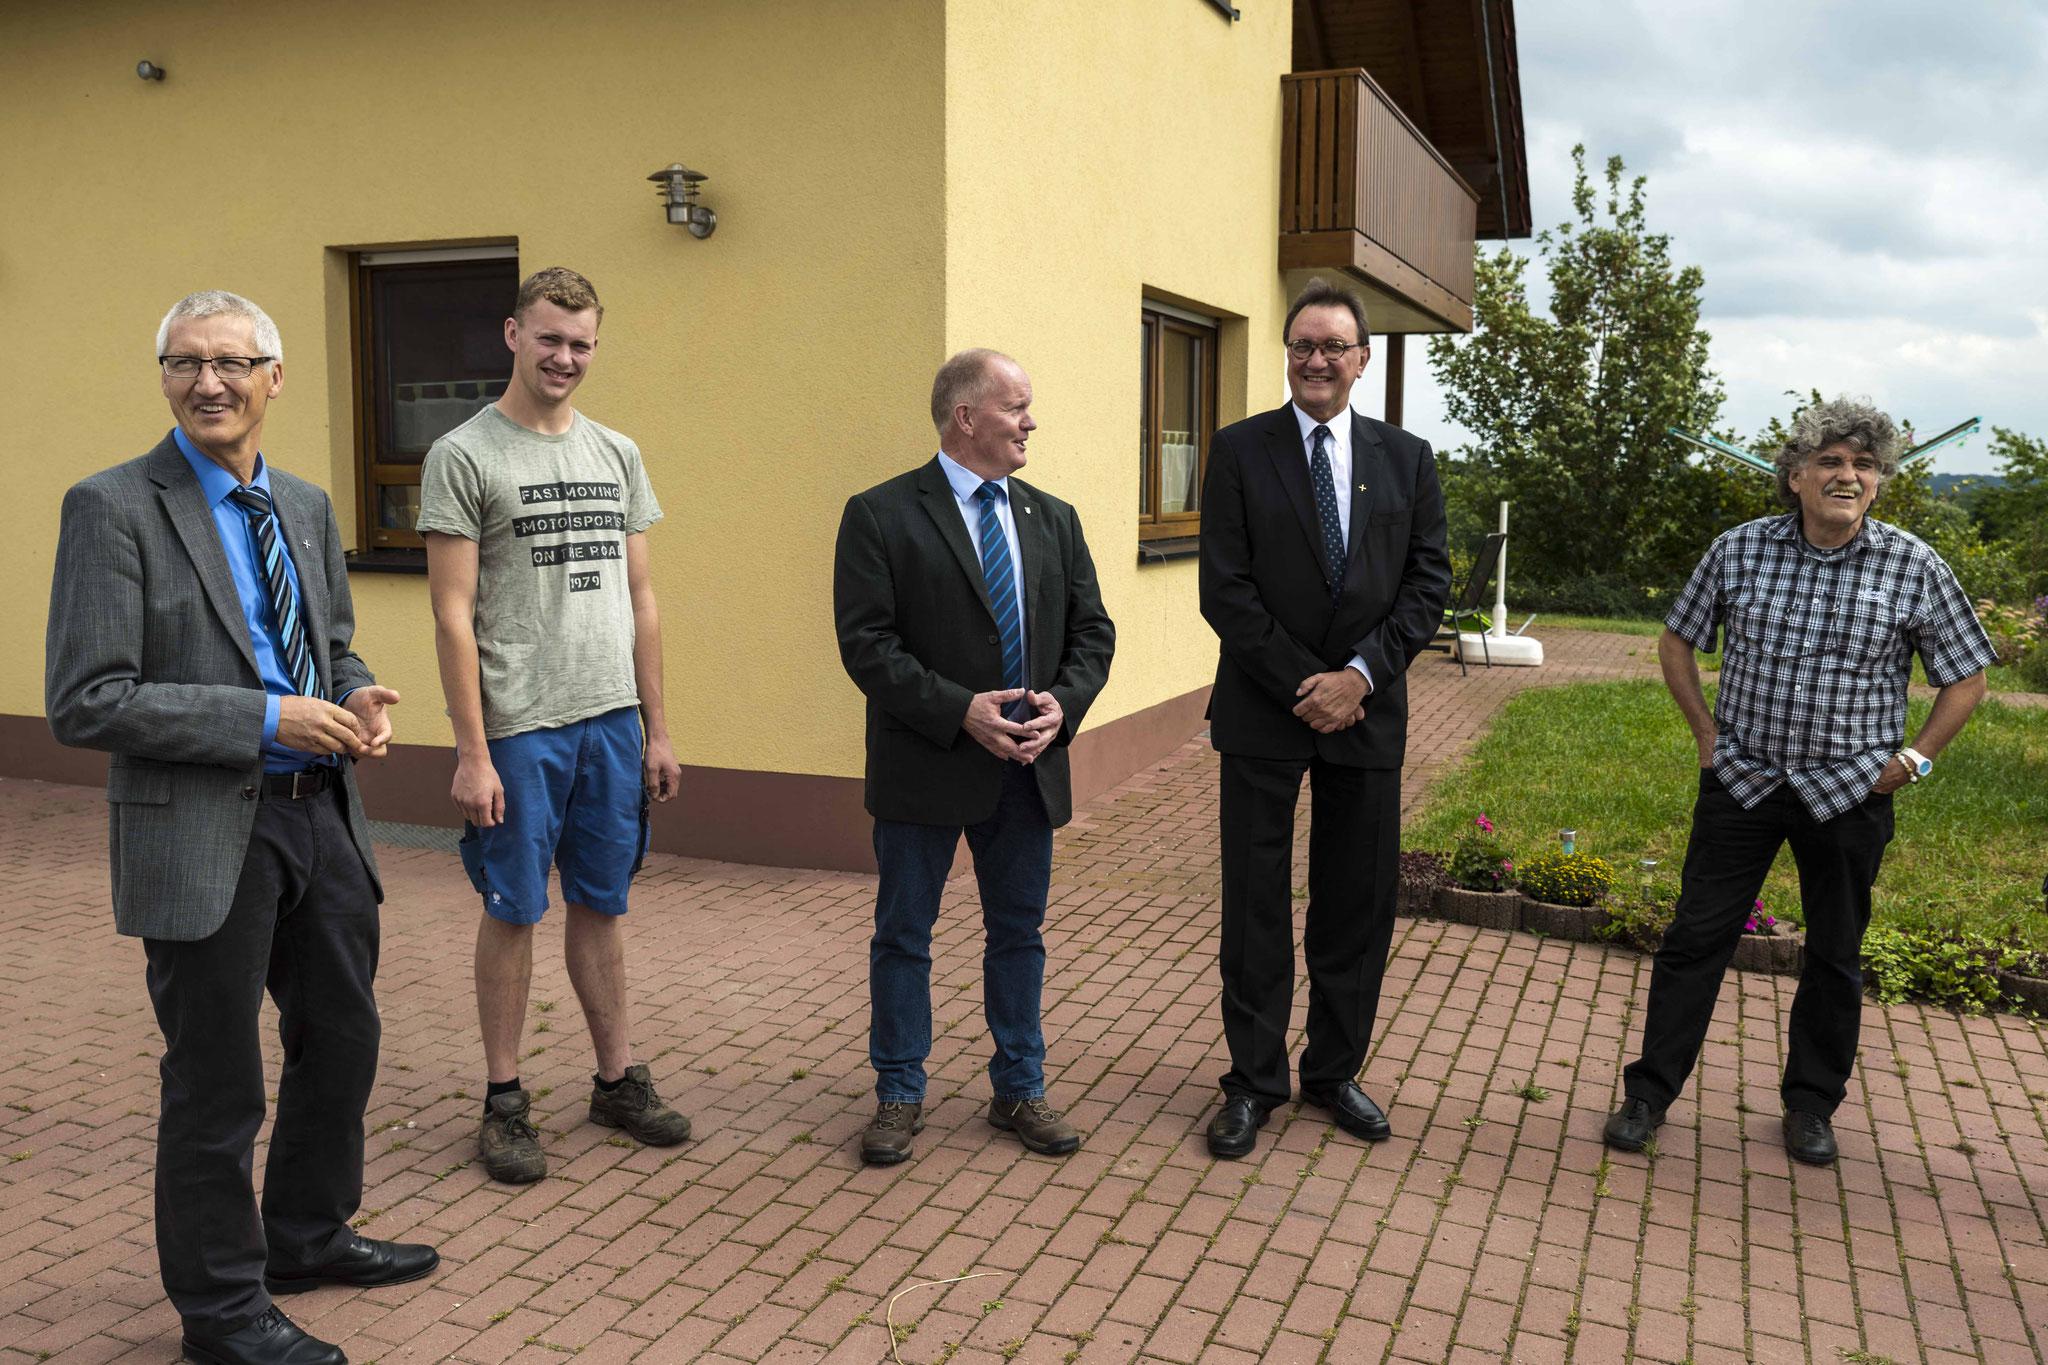 Referatsleiter Dr. Jochen Gerlach (v.l.n.r.), Steffen Schmal, Karsten Schmal, Bischof Dr. Martin Hein, Ortspfarrer Kurt Heyer